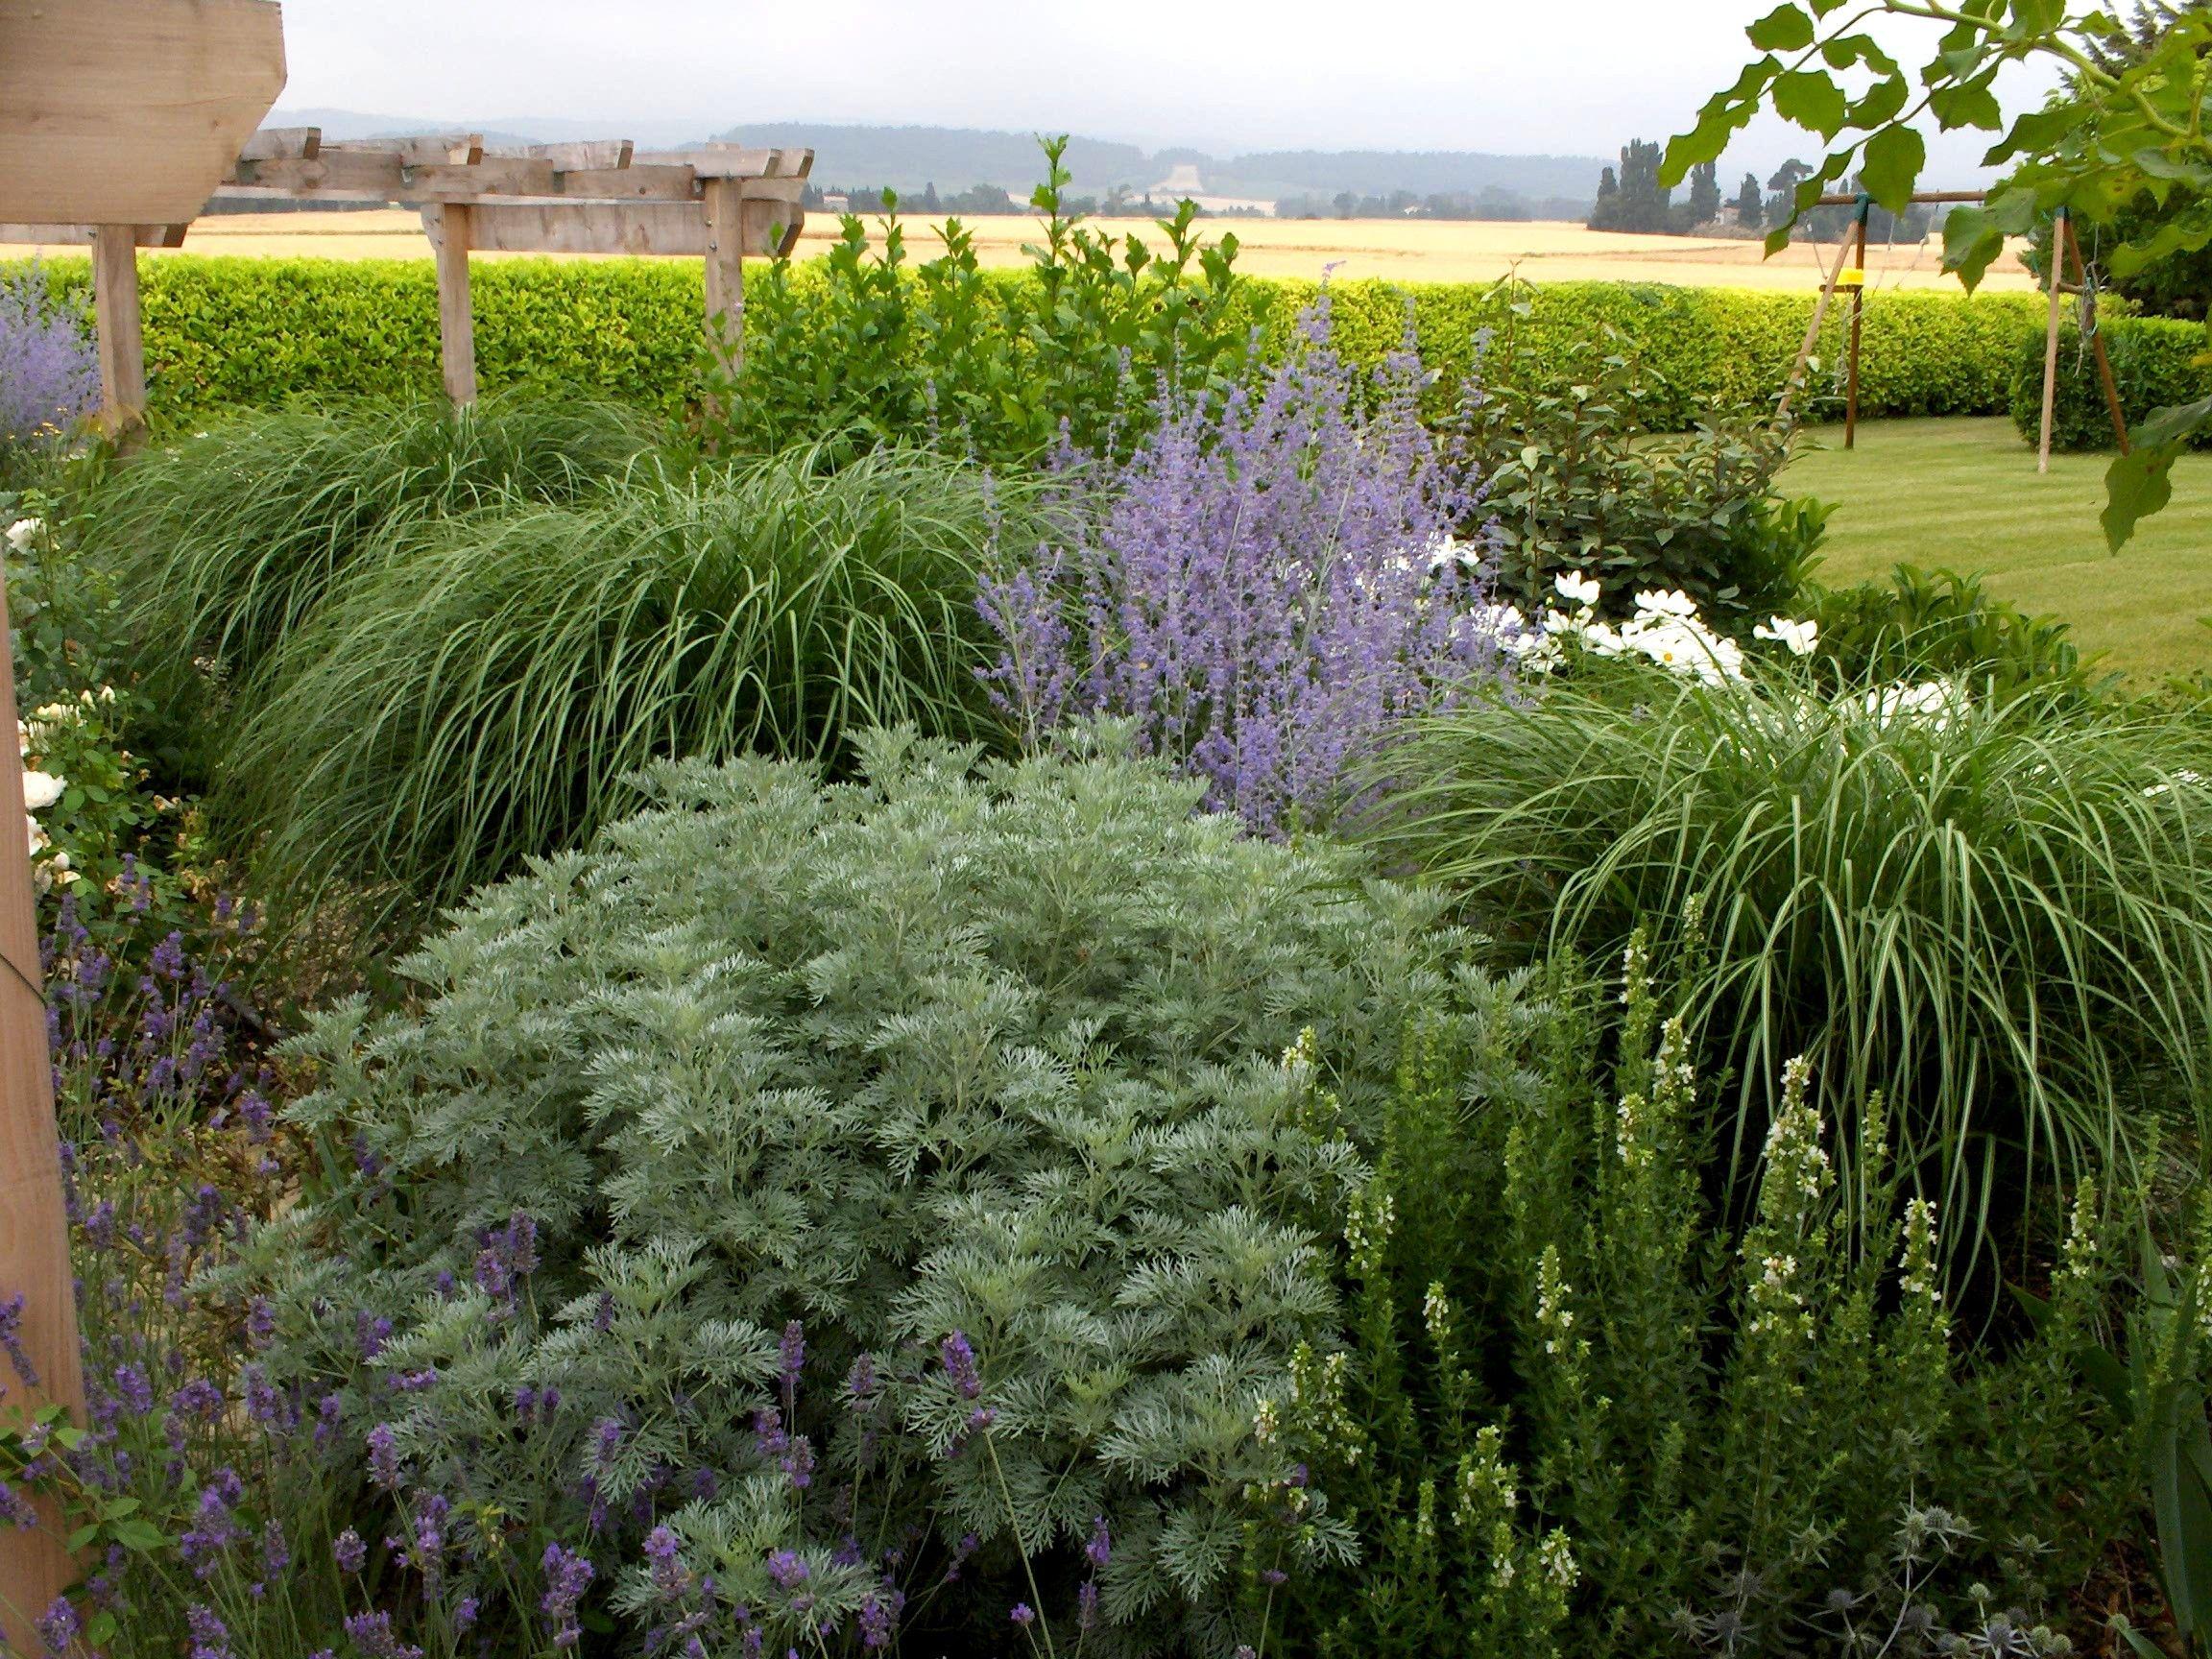 Buy blue dune lyme grass in nw arkansas - Castles